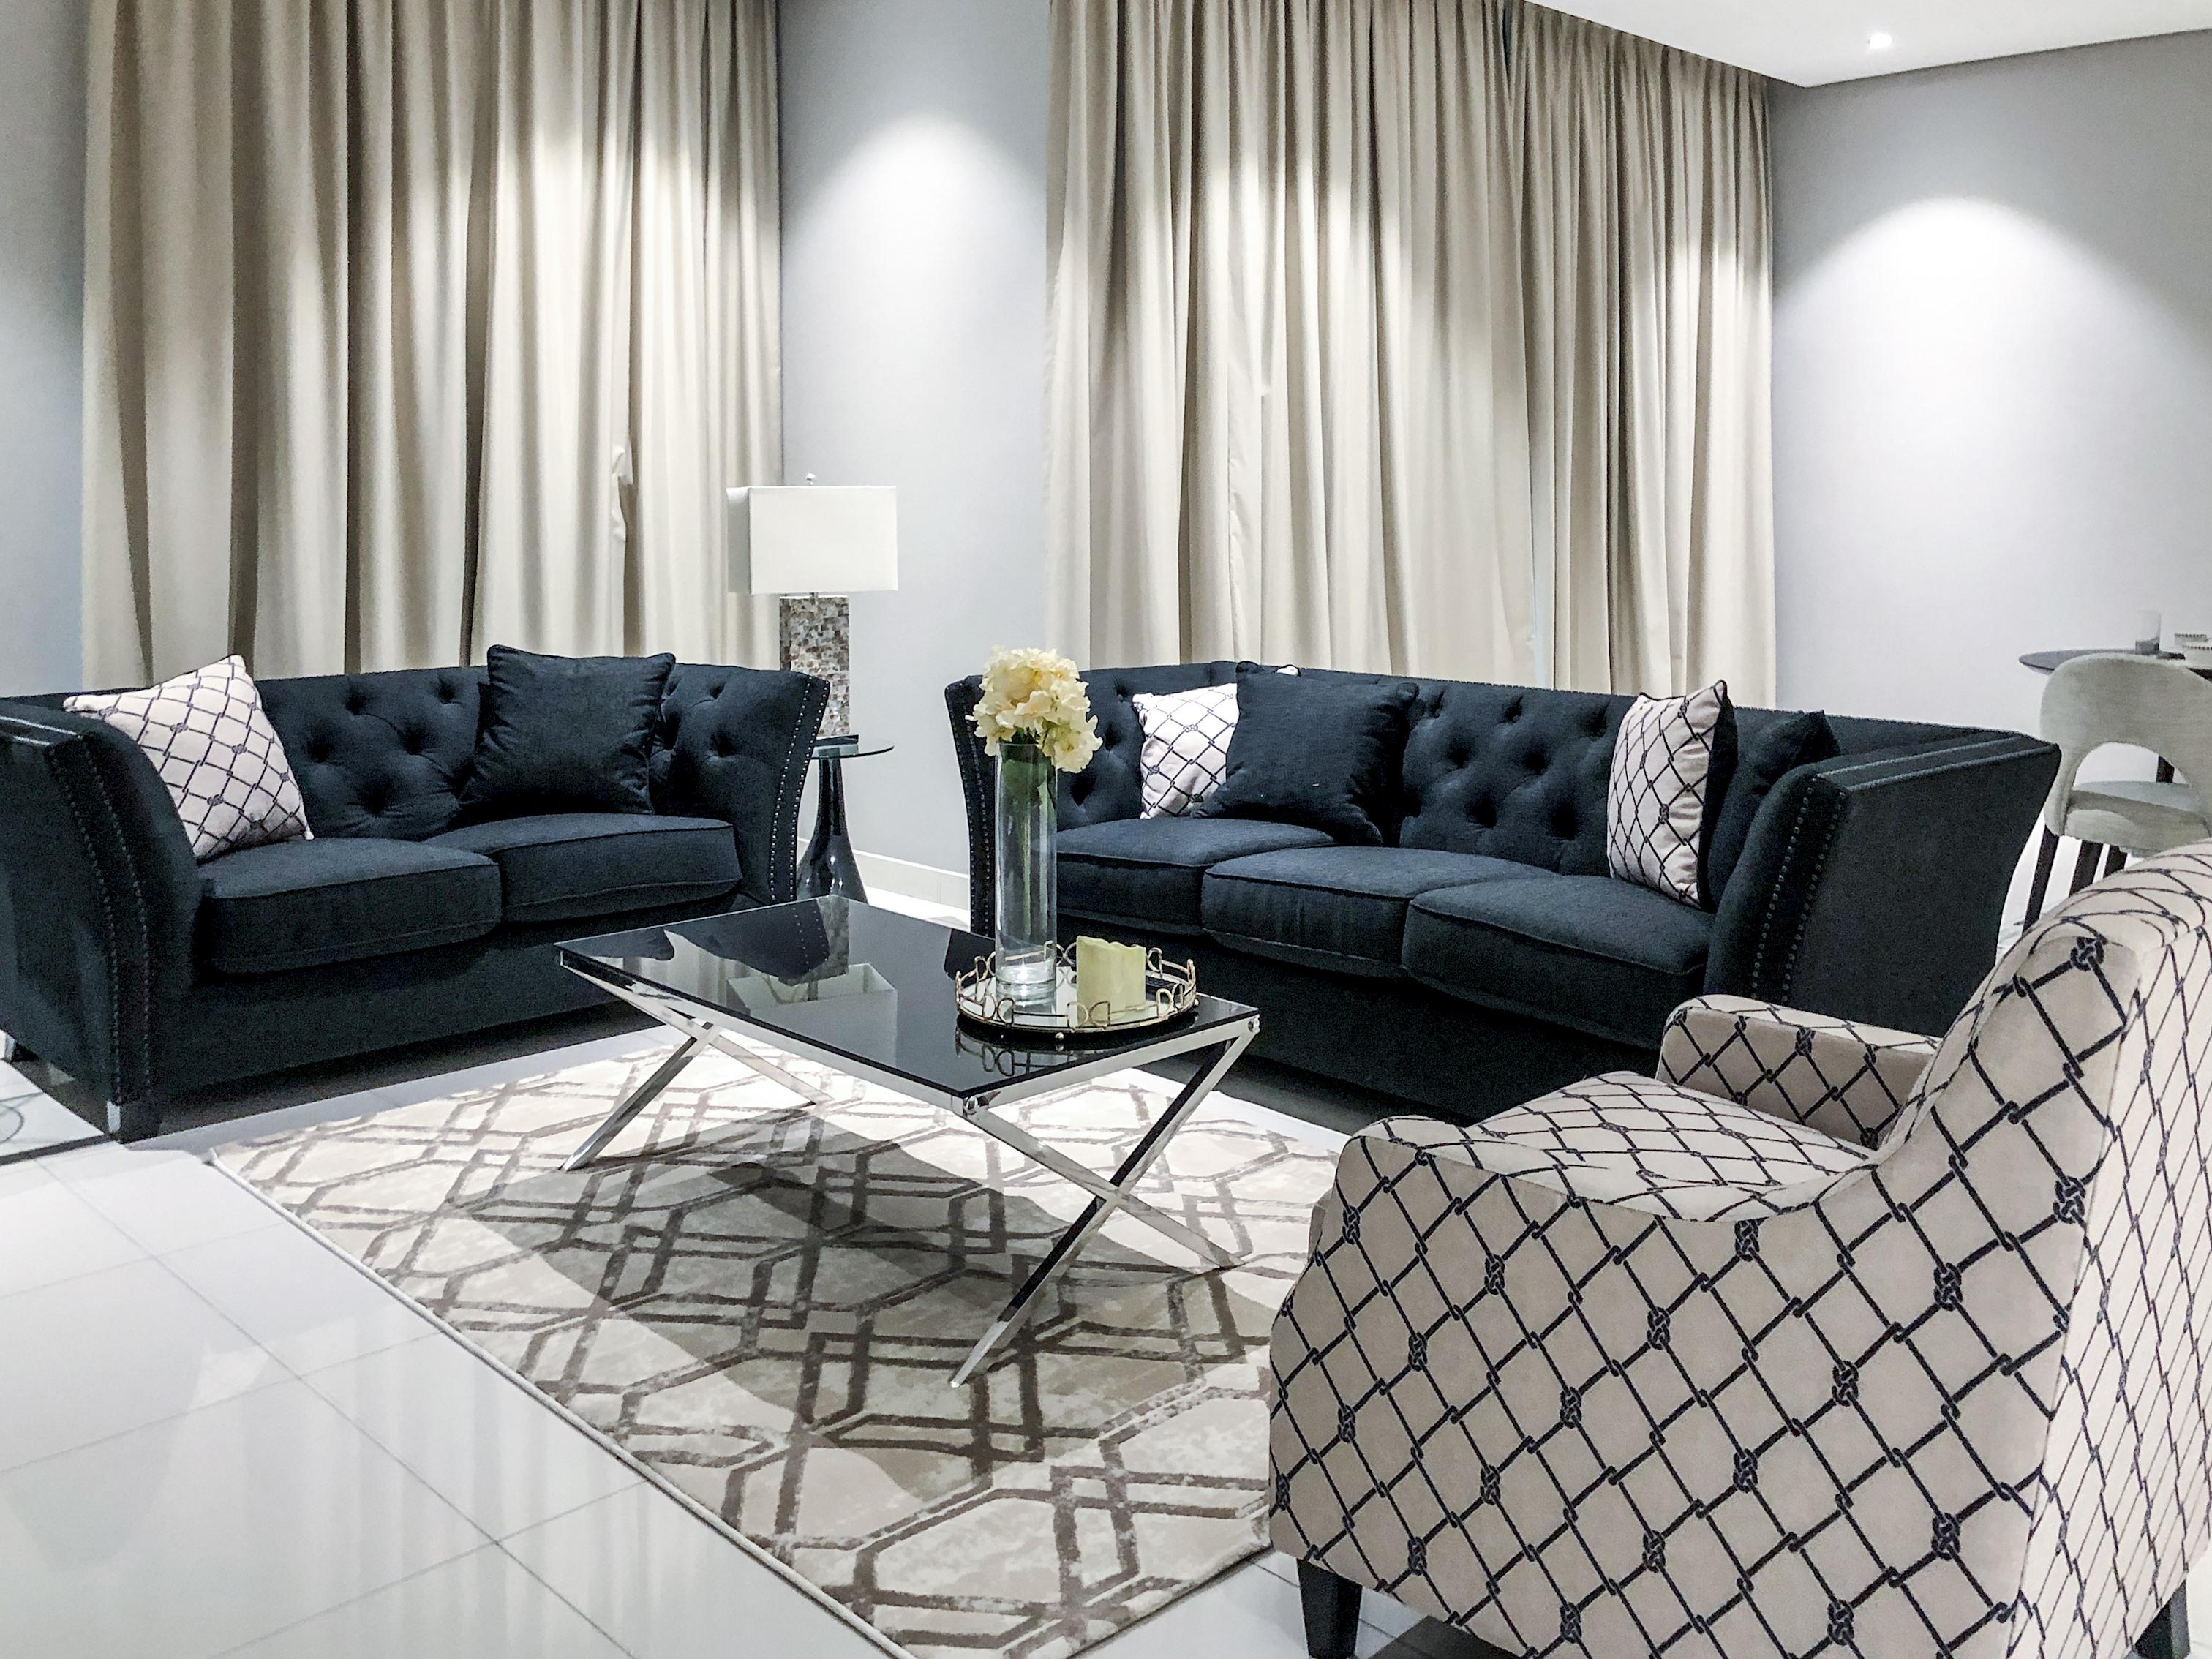 Apartment The Galleries Meydan Luxury - Dubai photo 27263510